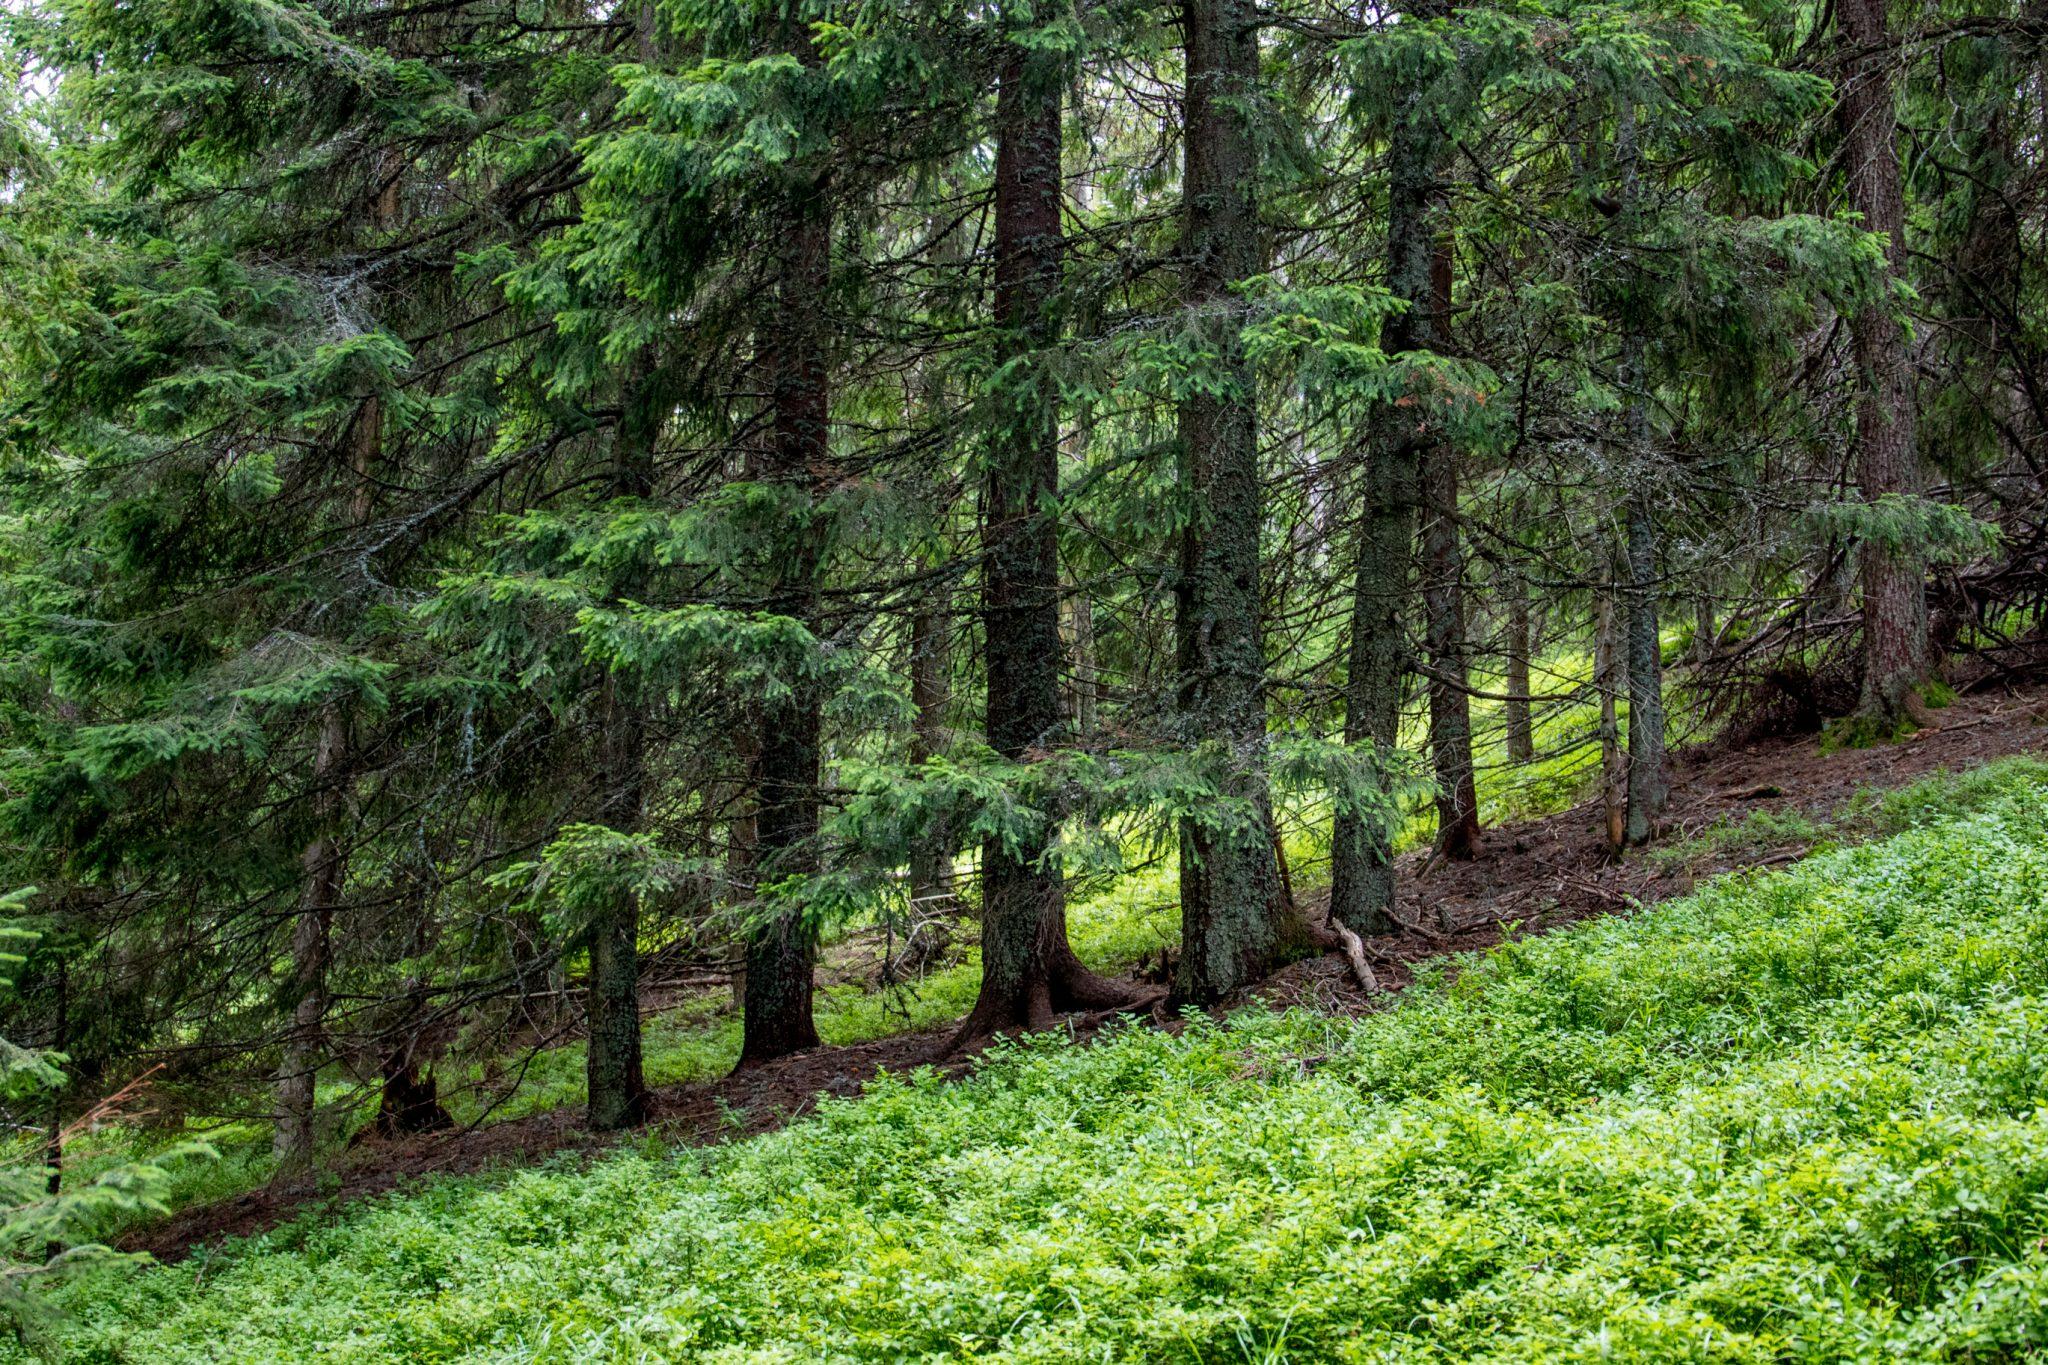 A fost adoptat Regulamentul de valorificare a masei lemnoase din fondul forestier proprietate publică